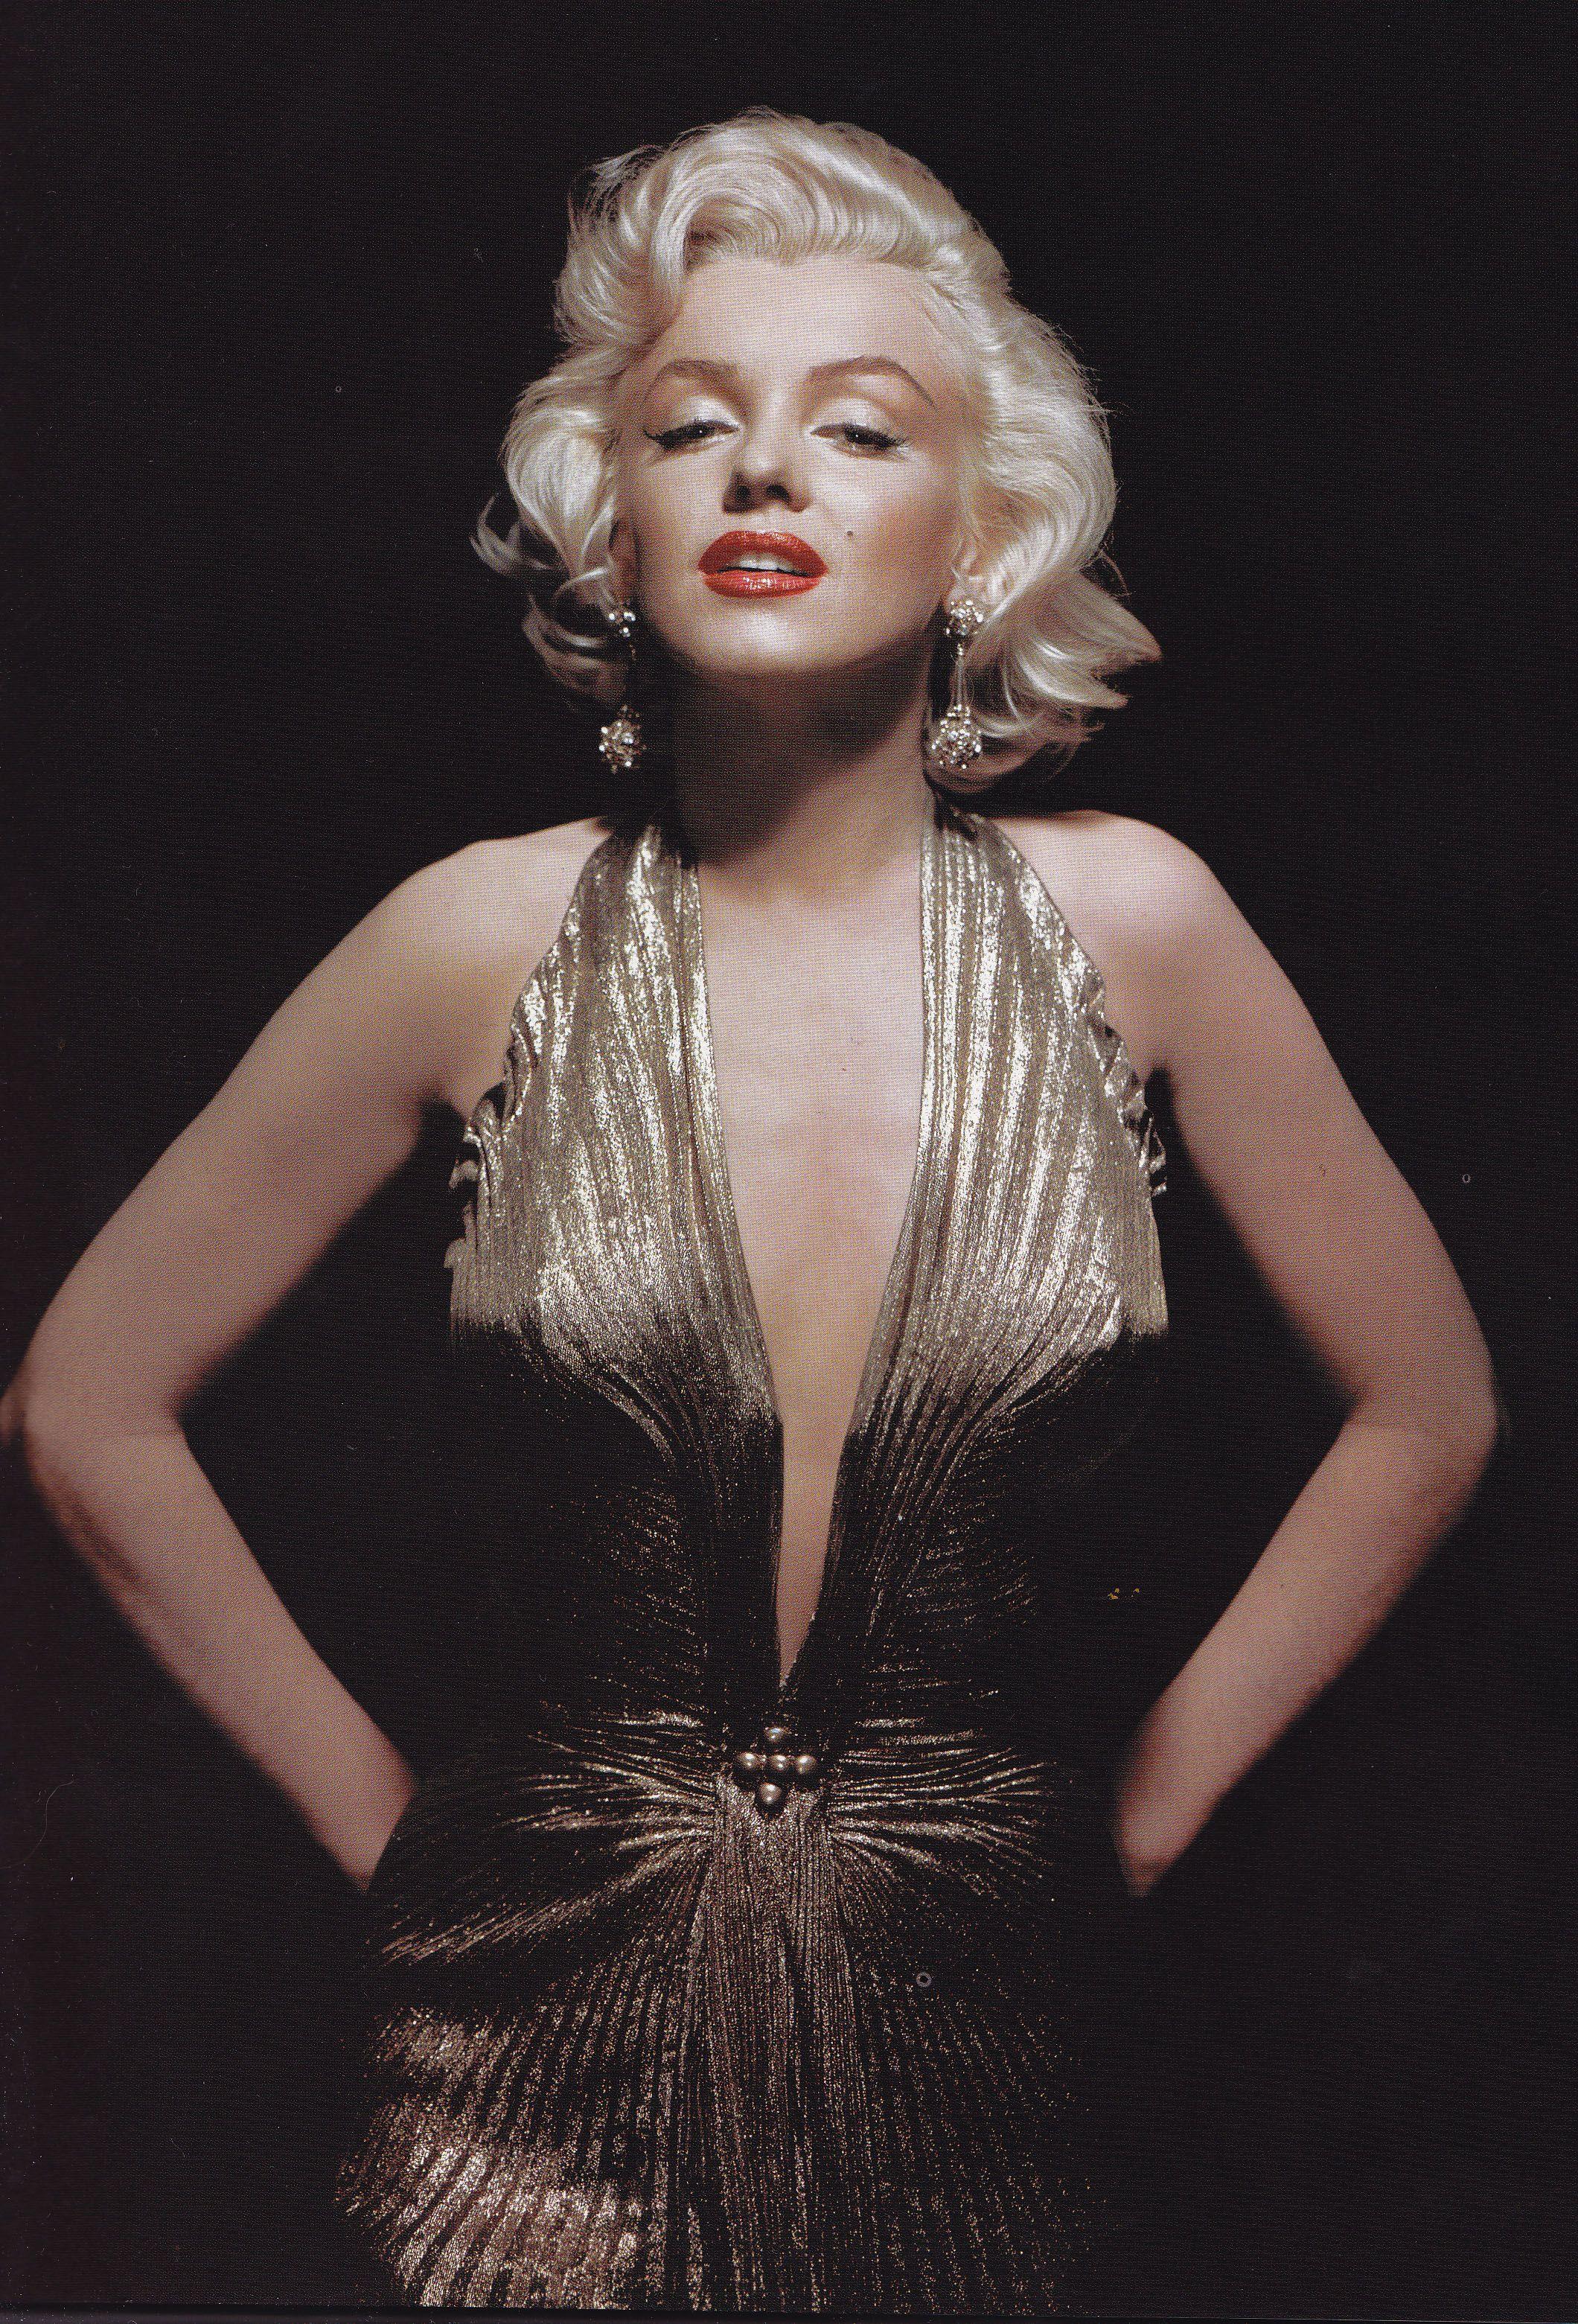 marilyn monroe gold dress - Google Search | Marilyn | Pinterest ...